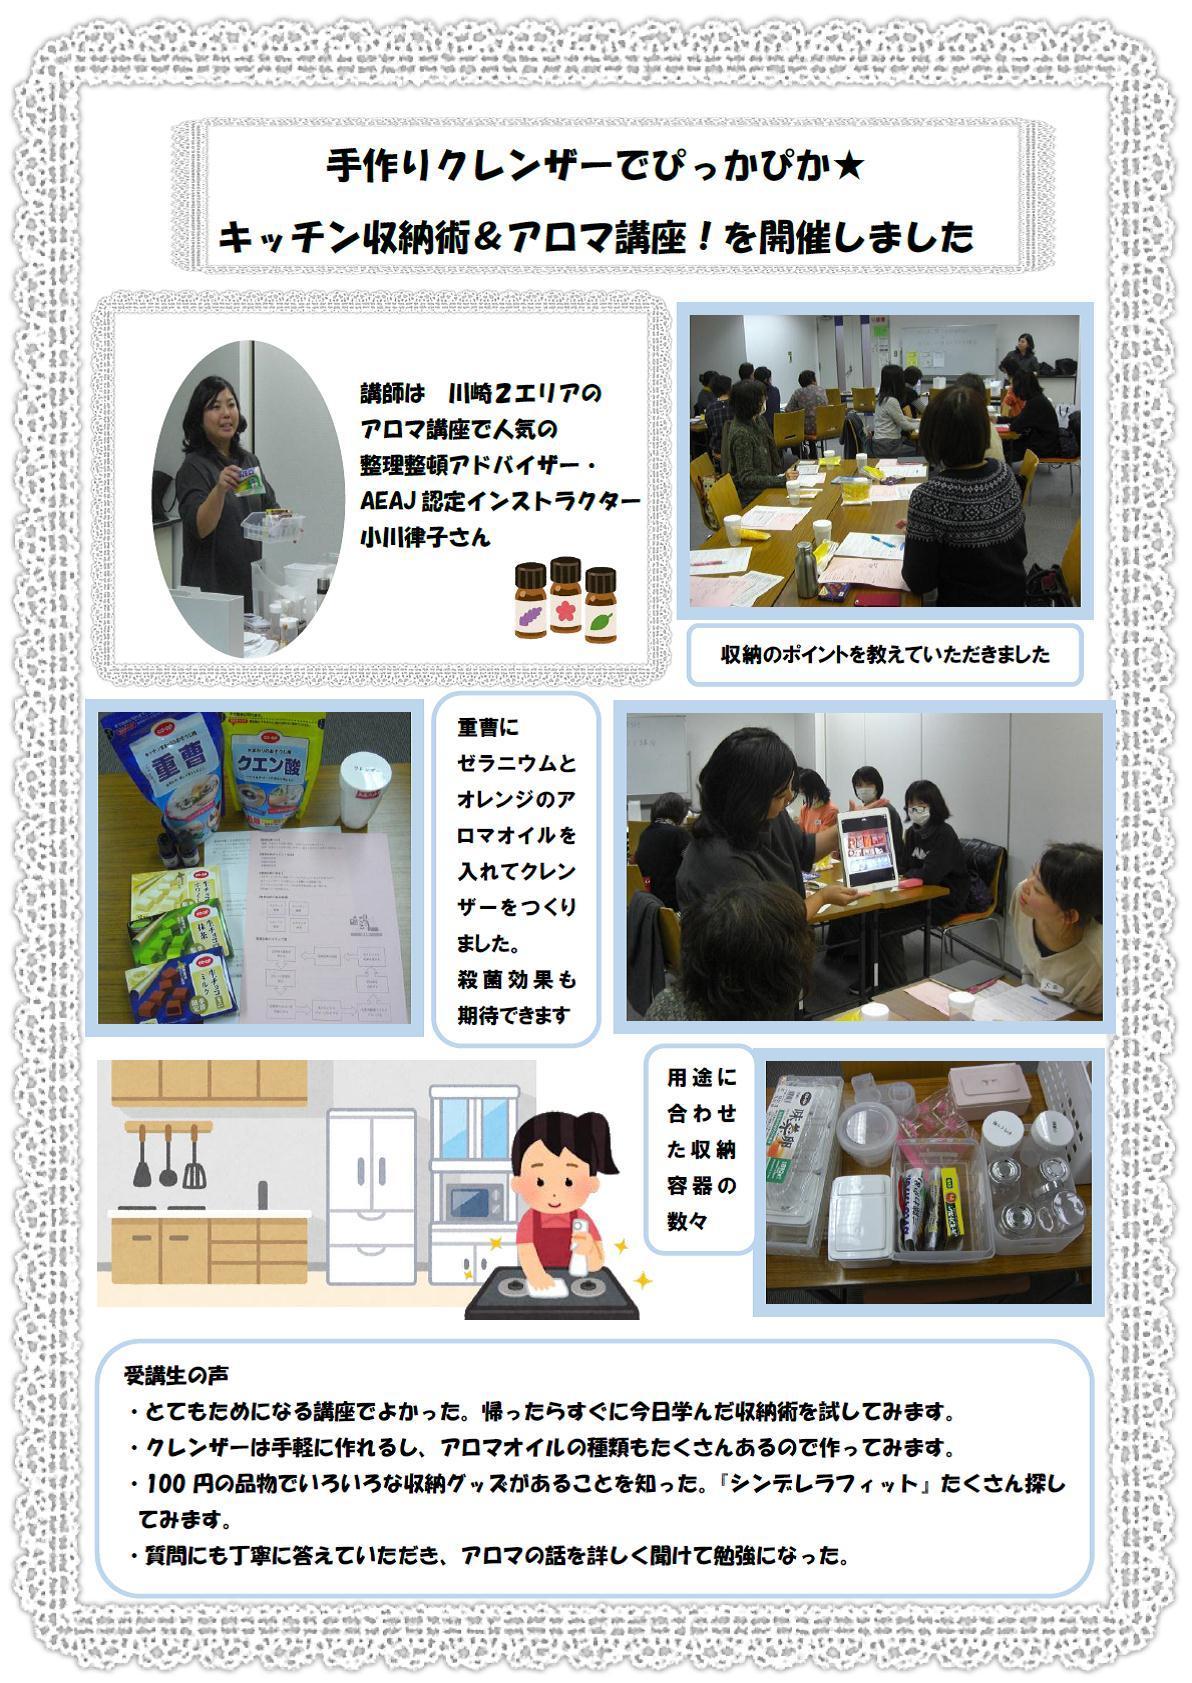 http://kanagawa.ucoop.or.jp/hiroba/areanews/files/8af5f143eb115b15723dfb719b839784.jpg